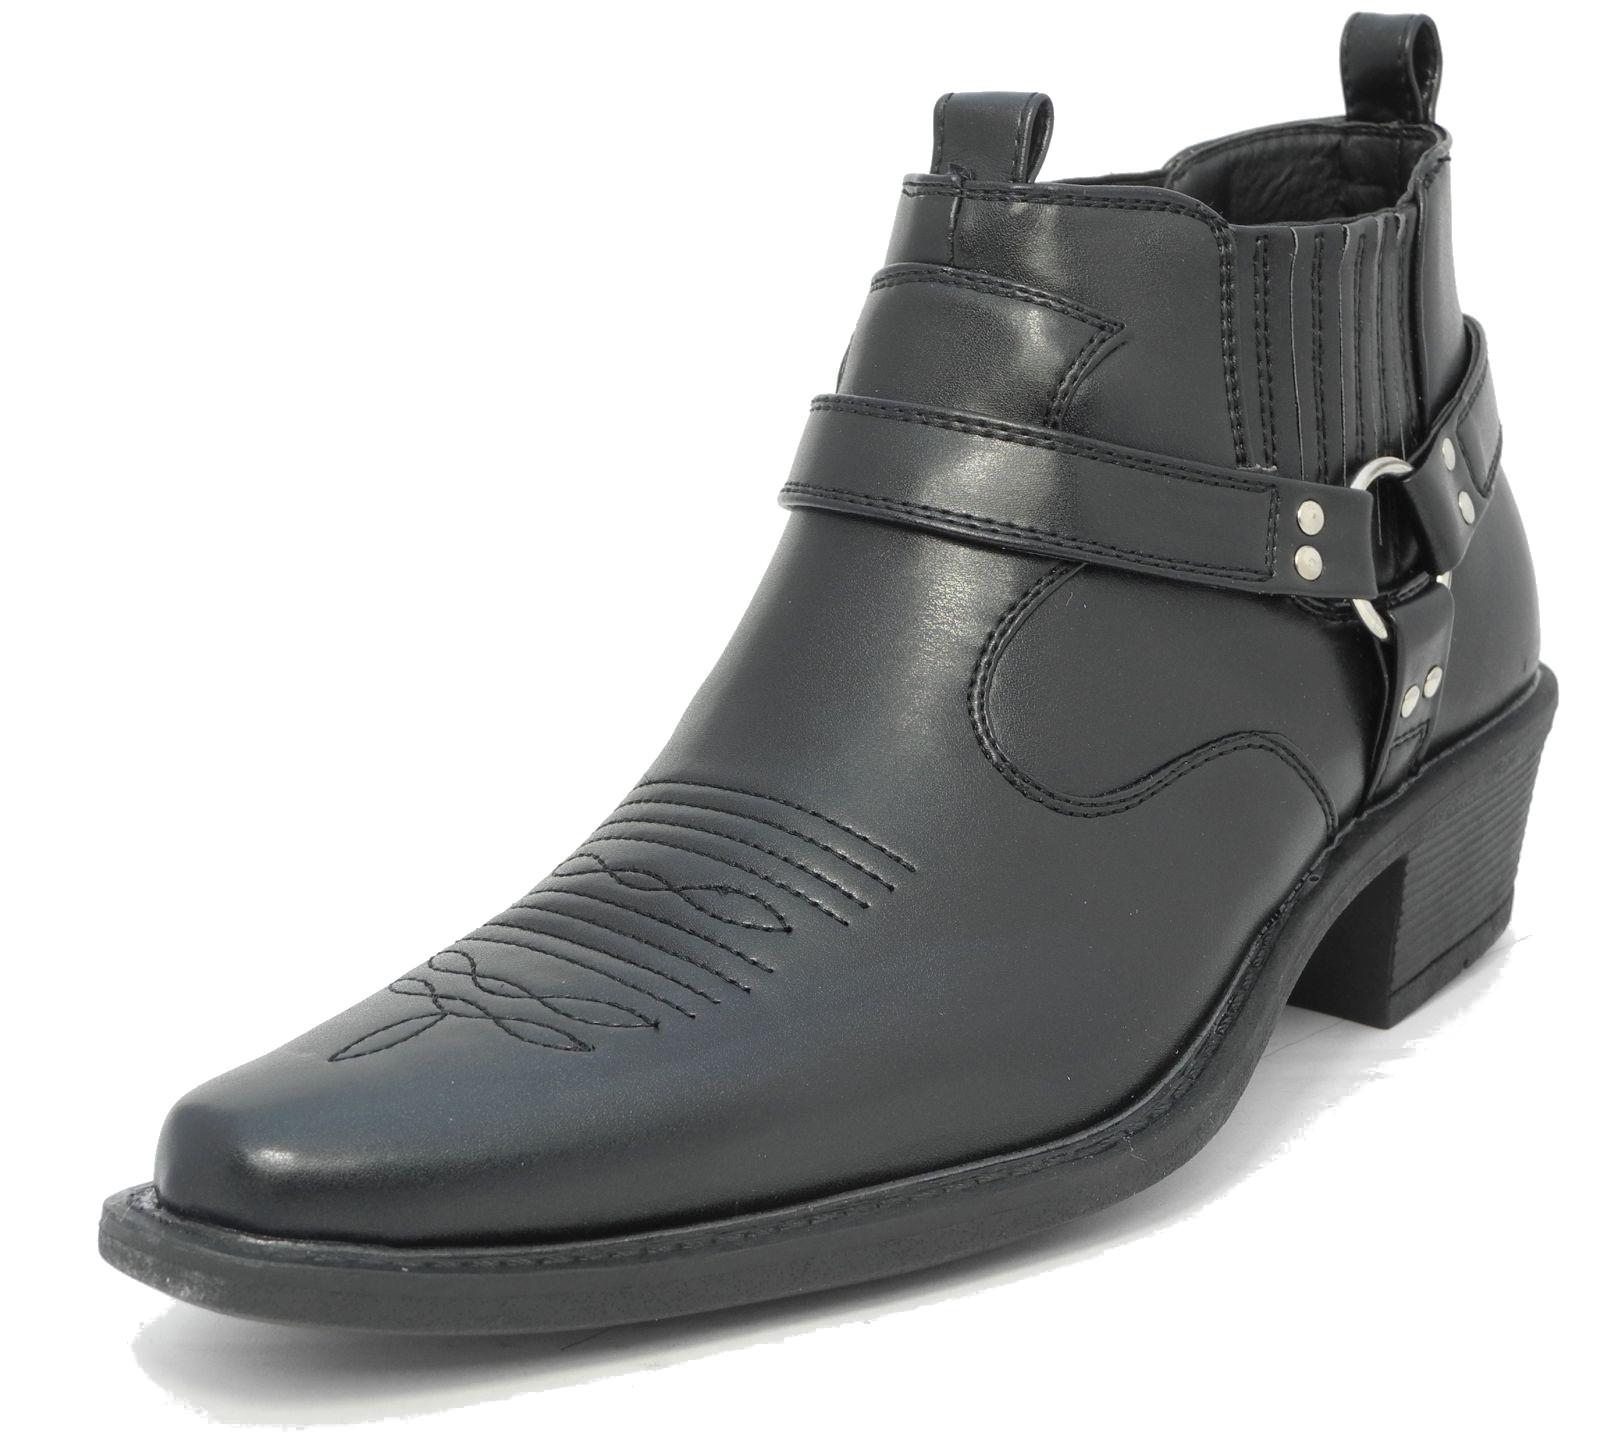 Mens Cushion Walk Shoes Uk Ebay